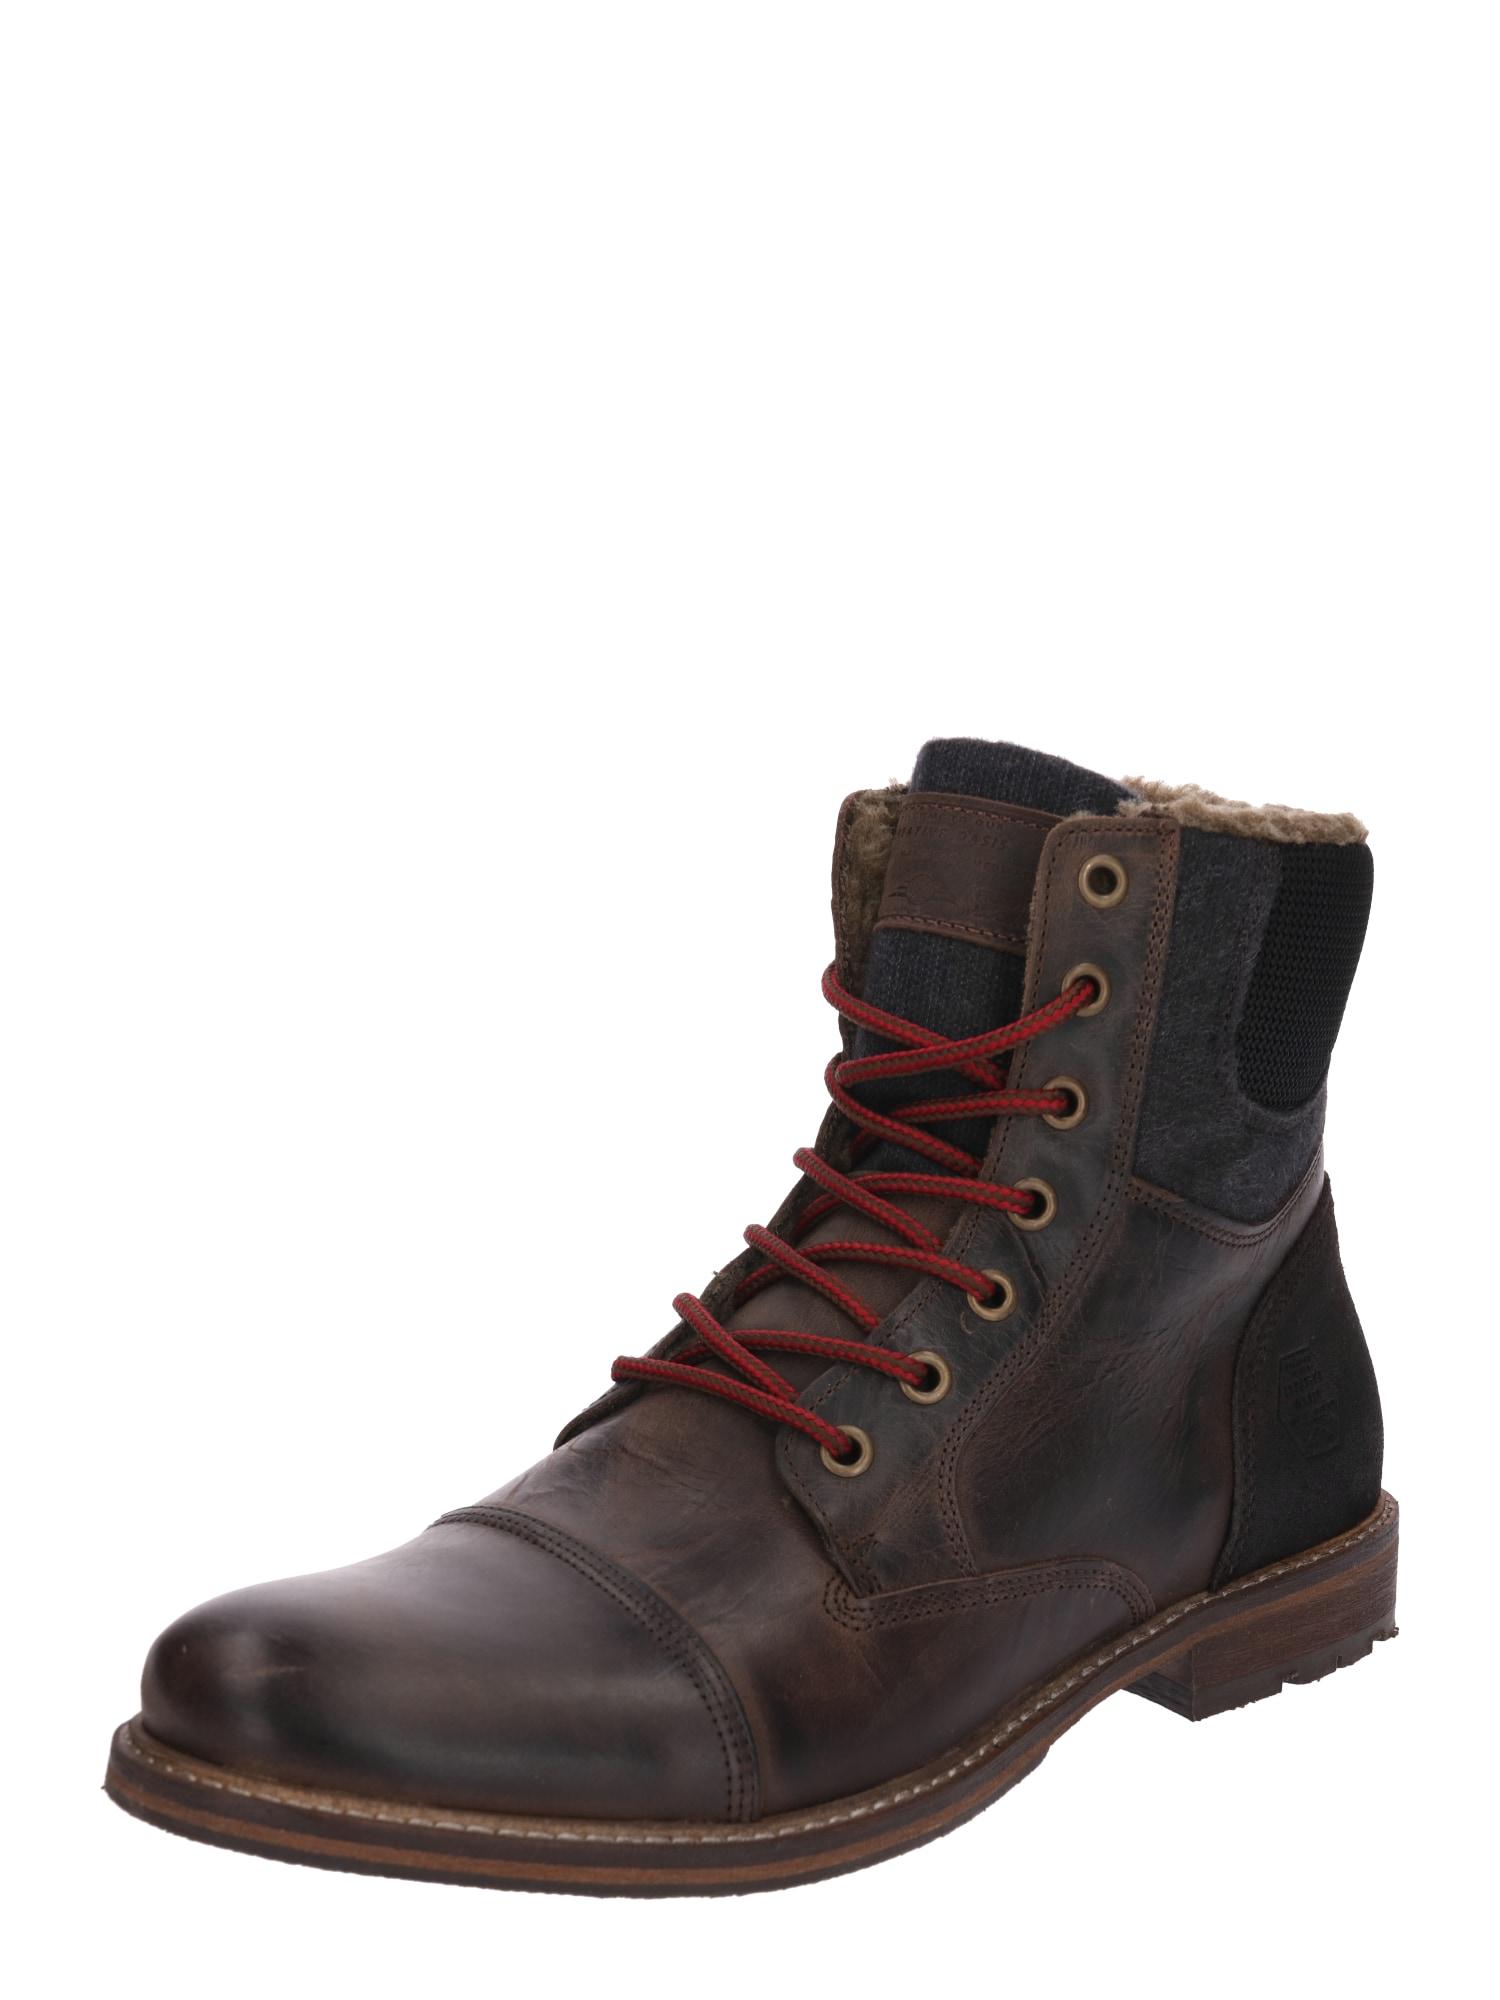 Šněrovací boty tmavě hnědá rubínově červená BULLBOXER